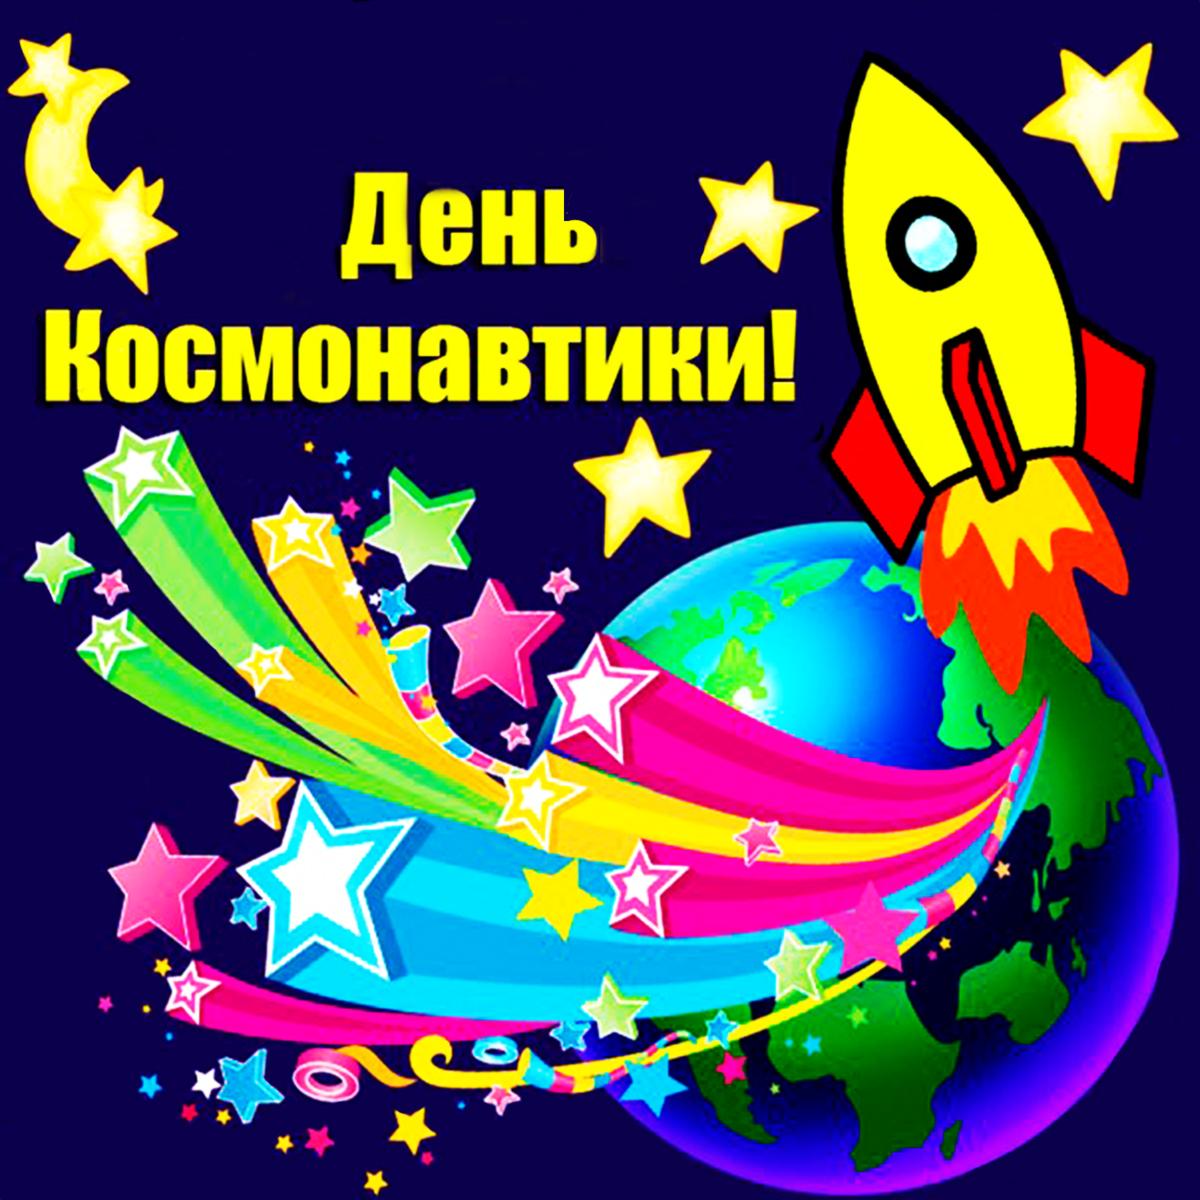 Картинка с днем космоса